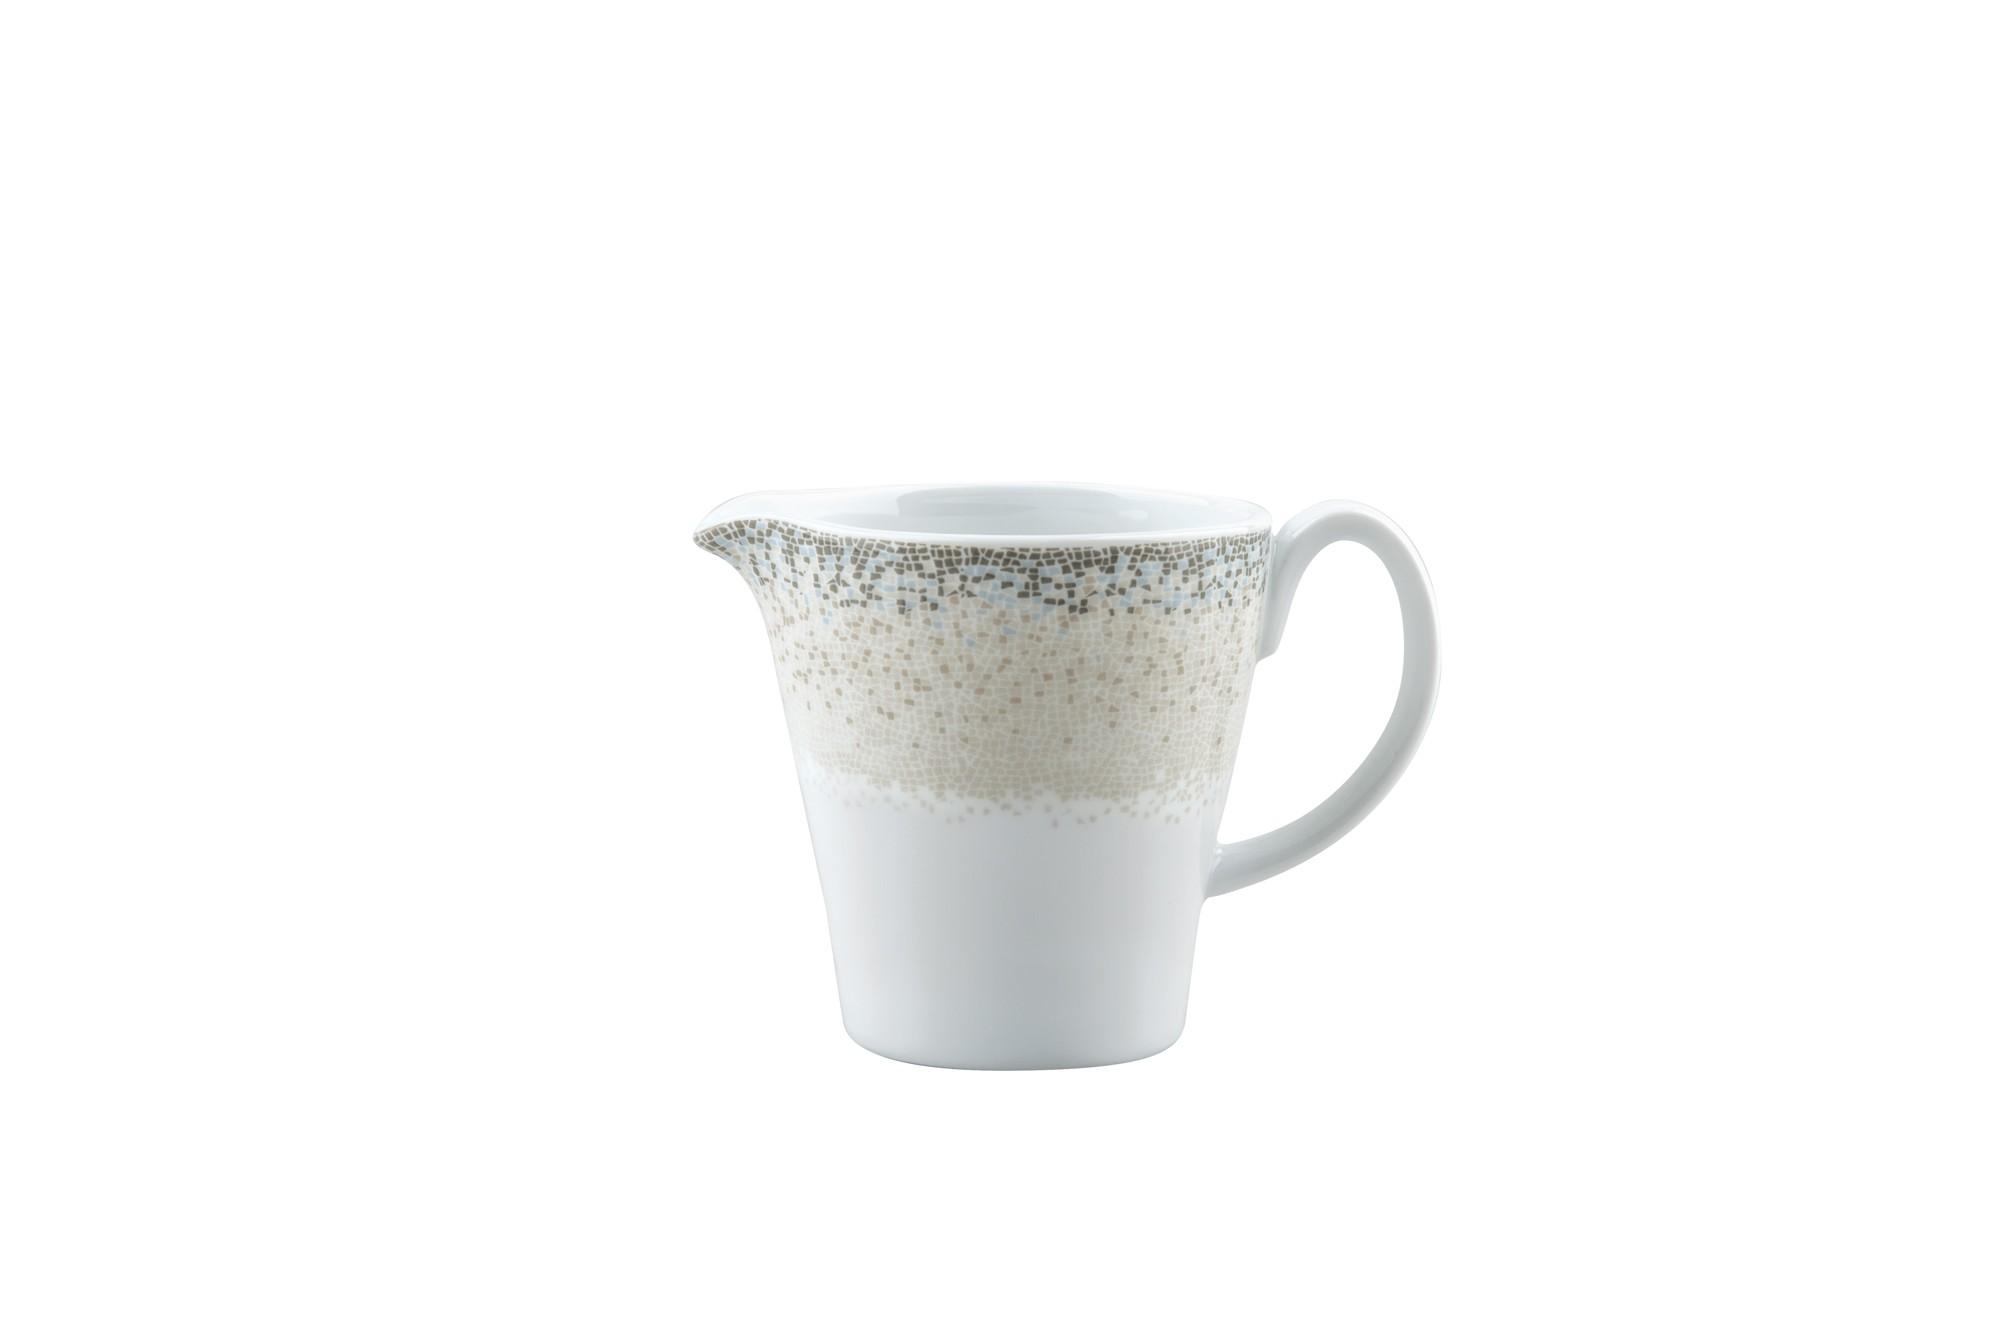 Γαλατιέρα Πορσελάνης Apeiron Beige Ionia home   ειδη cafe τσαϊ   γαλατιέρες   ζαχαριέρες